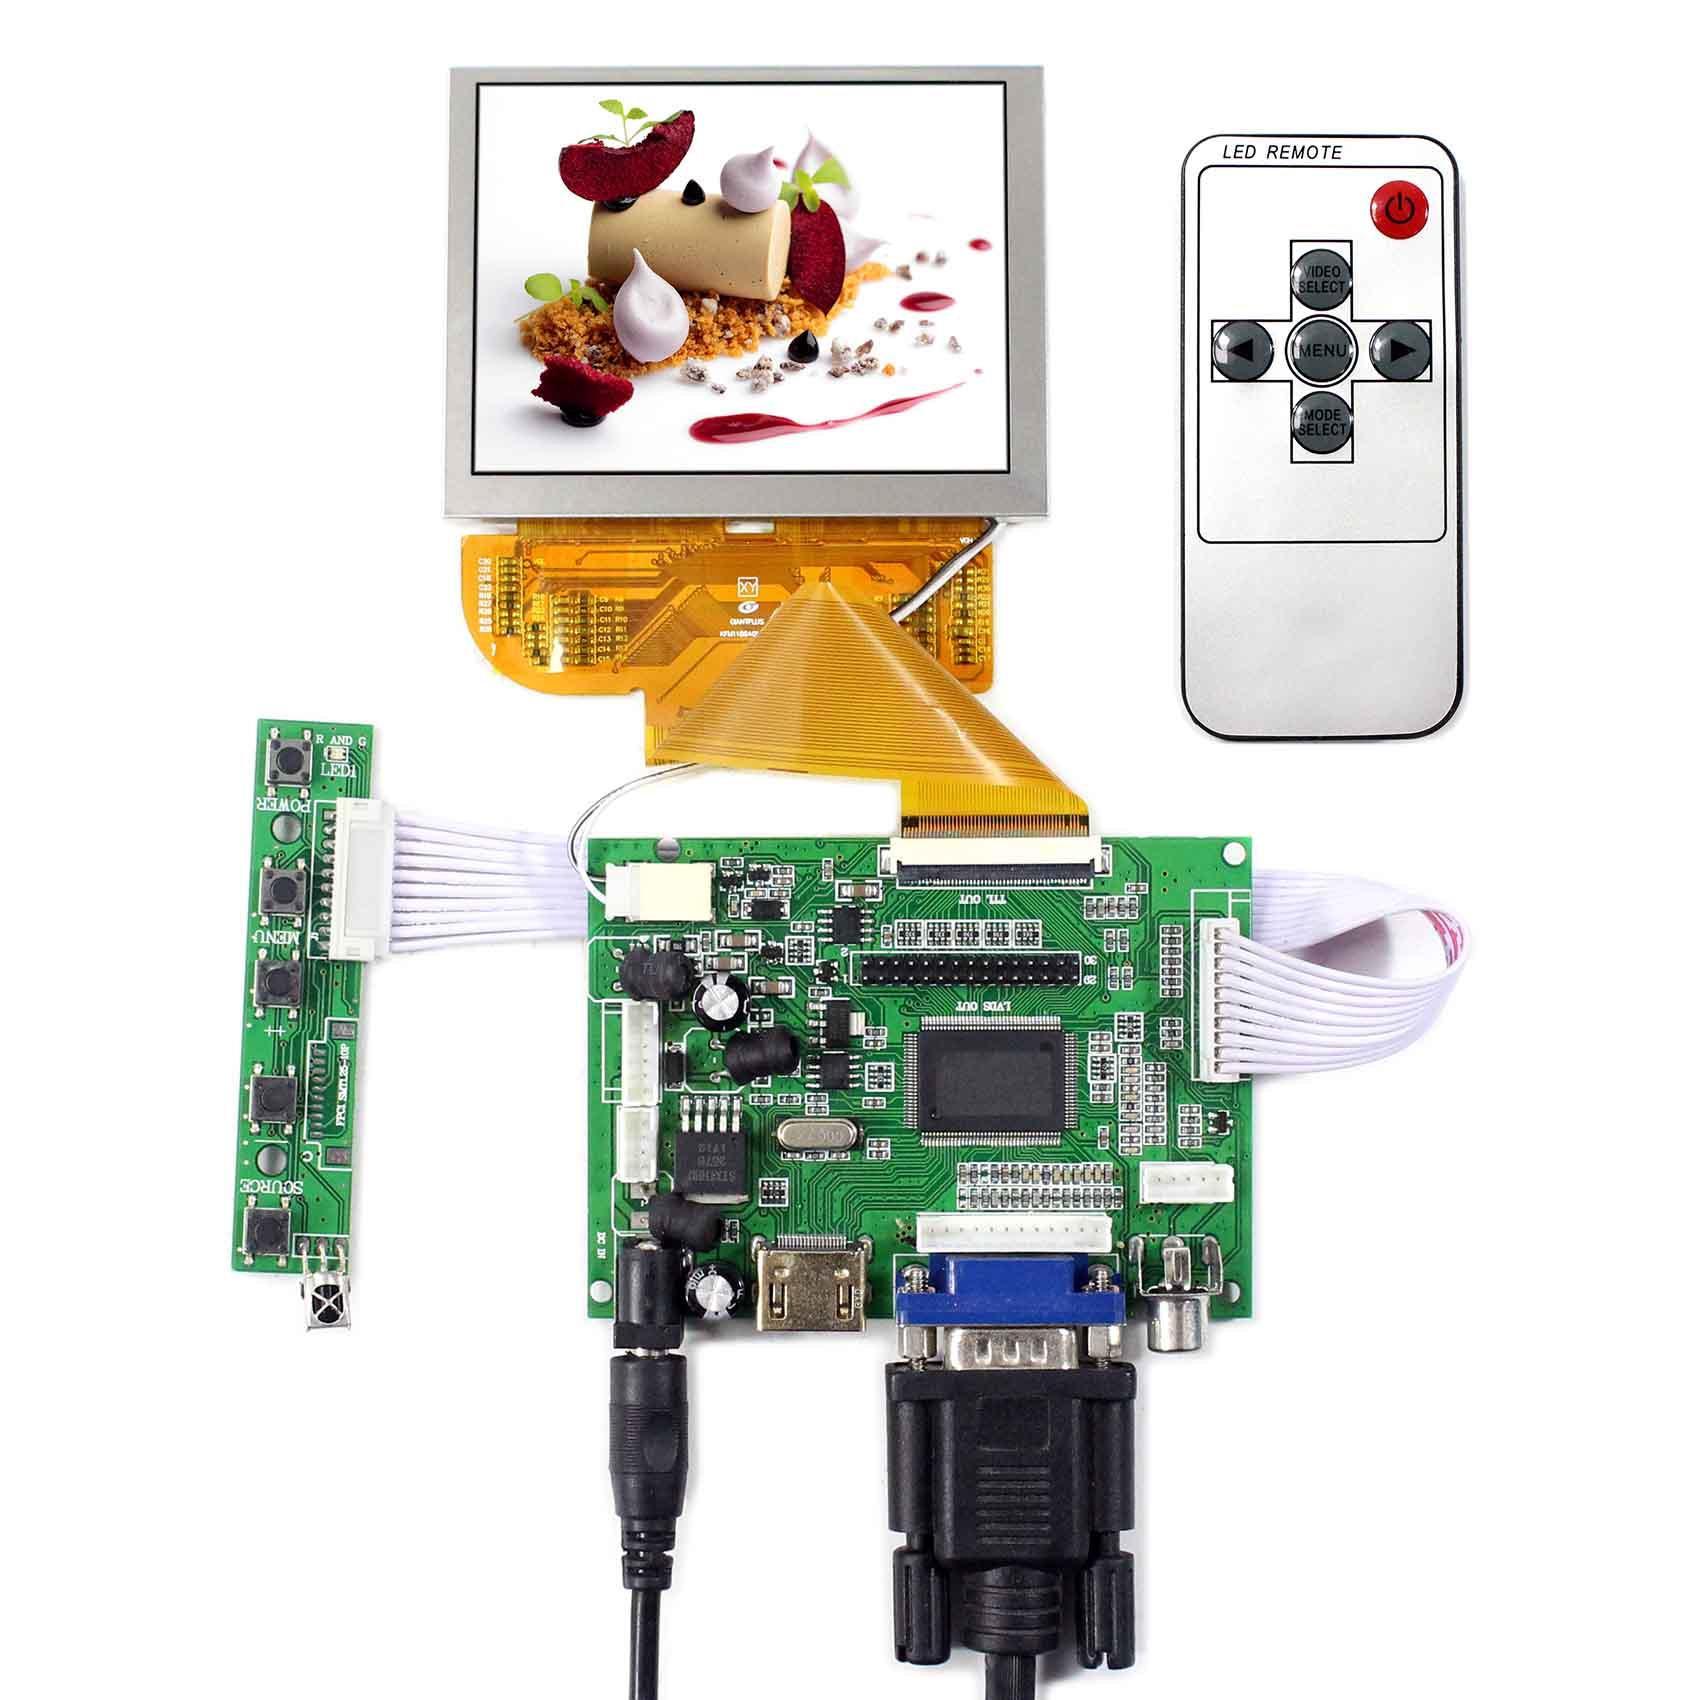 HDMI VGA 2AV LCD Driver Board With 3.5 50pin FPC Connector 800x600 LCD Screen Replace PD035VX2HDMI VGA 2AV LCD Driver Board With 3.5 50pin FPC Connector 800x600 LCD Screen Replace PD035VX2